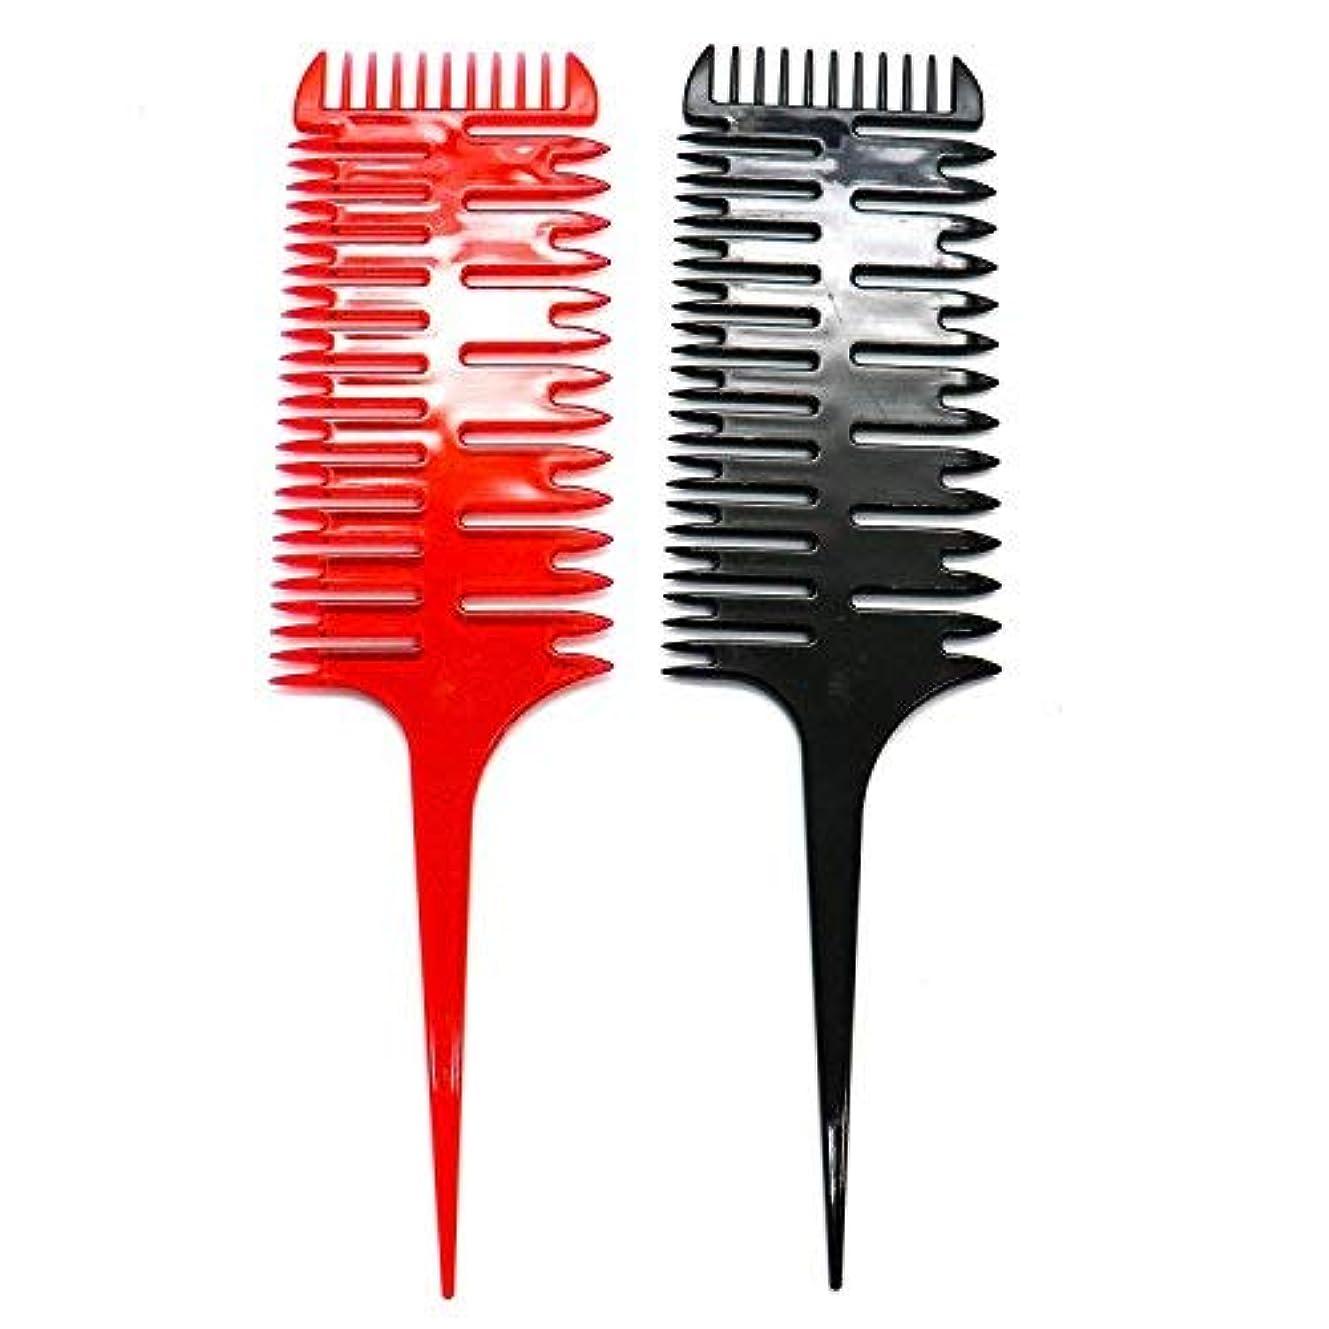 部門役立つ所有者HUELE 2 Pcs Professional 3-Way Hair Combs Weaving & Sectioning Foiling Comb for Hair Black+Red [並行輸入品]